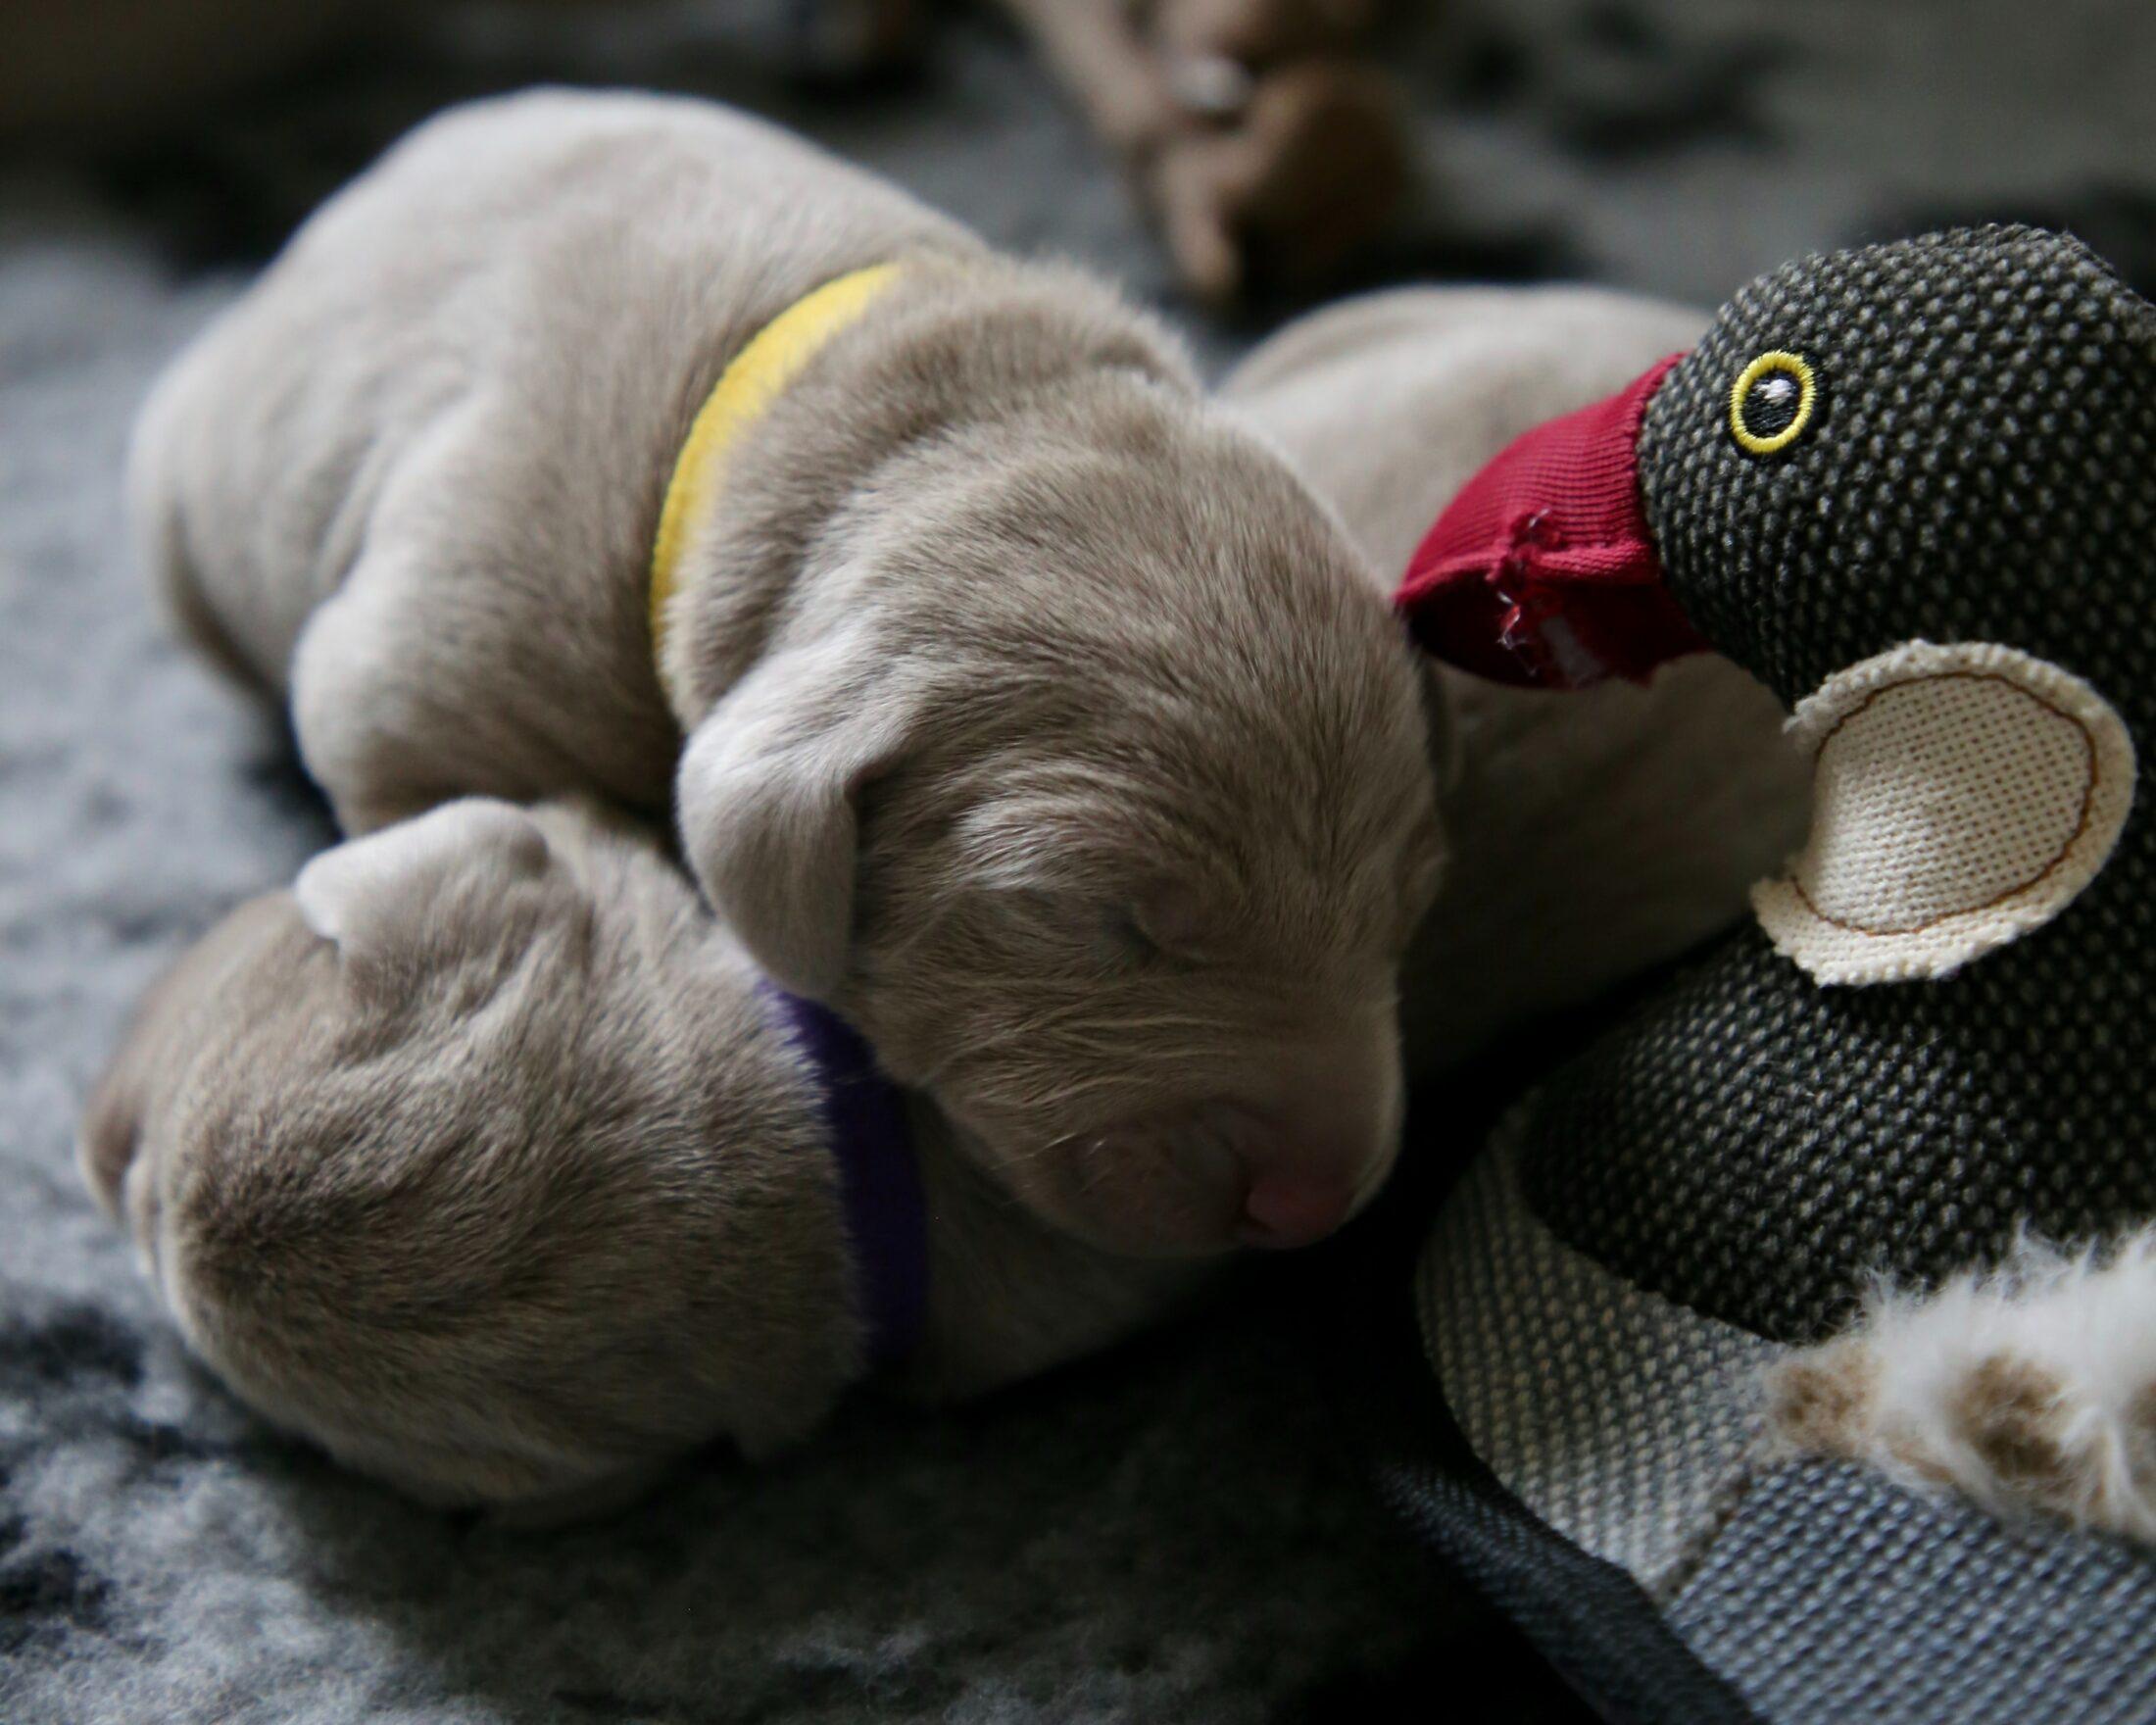 filhote dormindo em cima de brinquedos